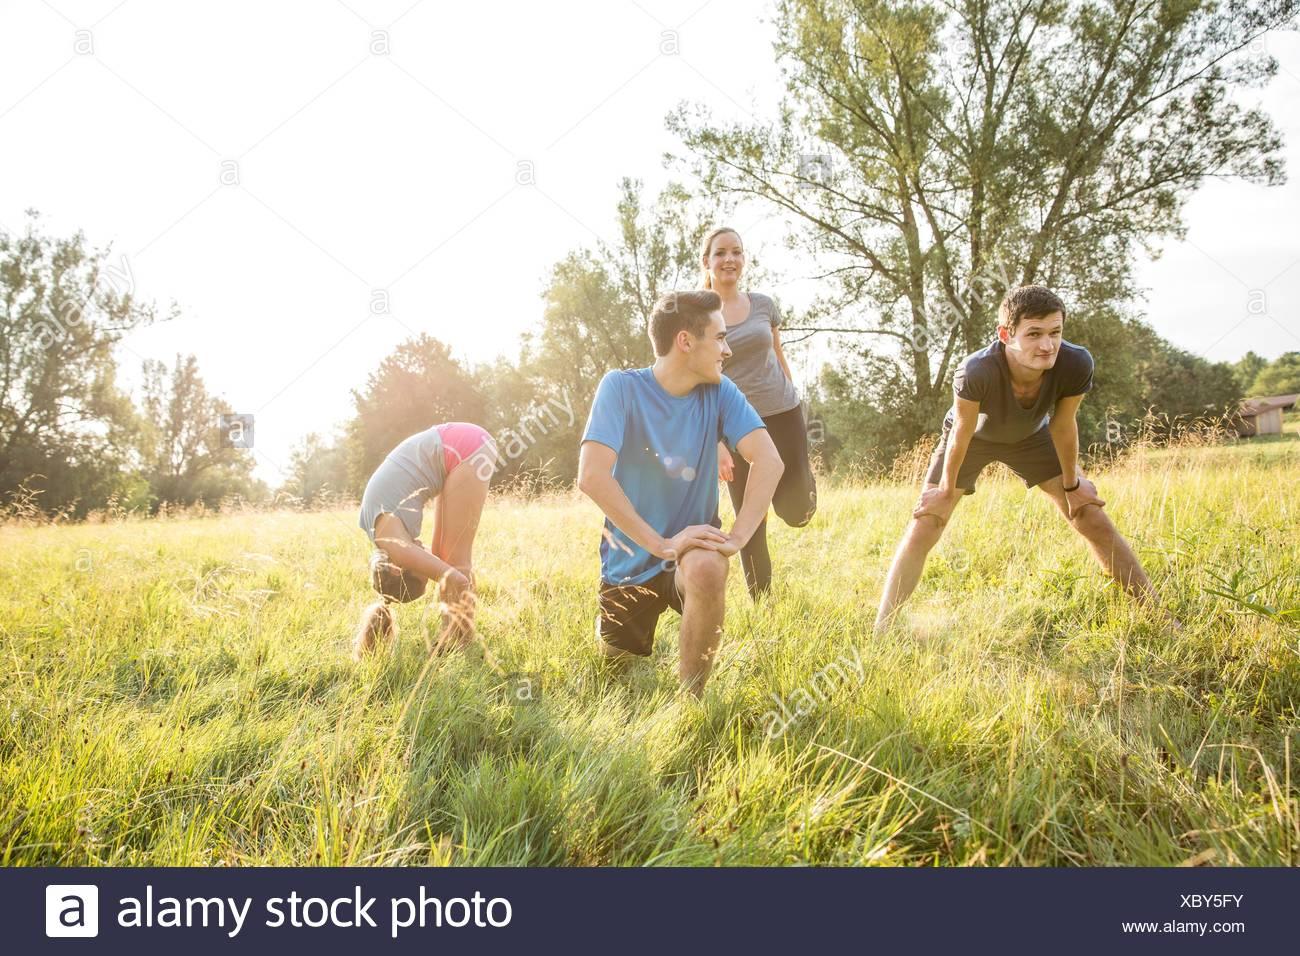 Gruppo di amici che esercitano nel campo Immagini Stock